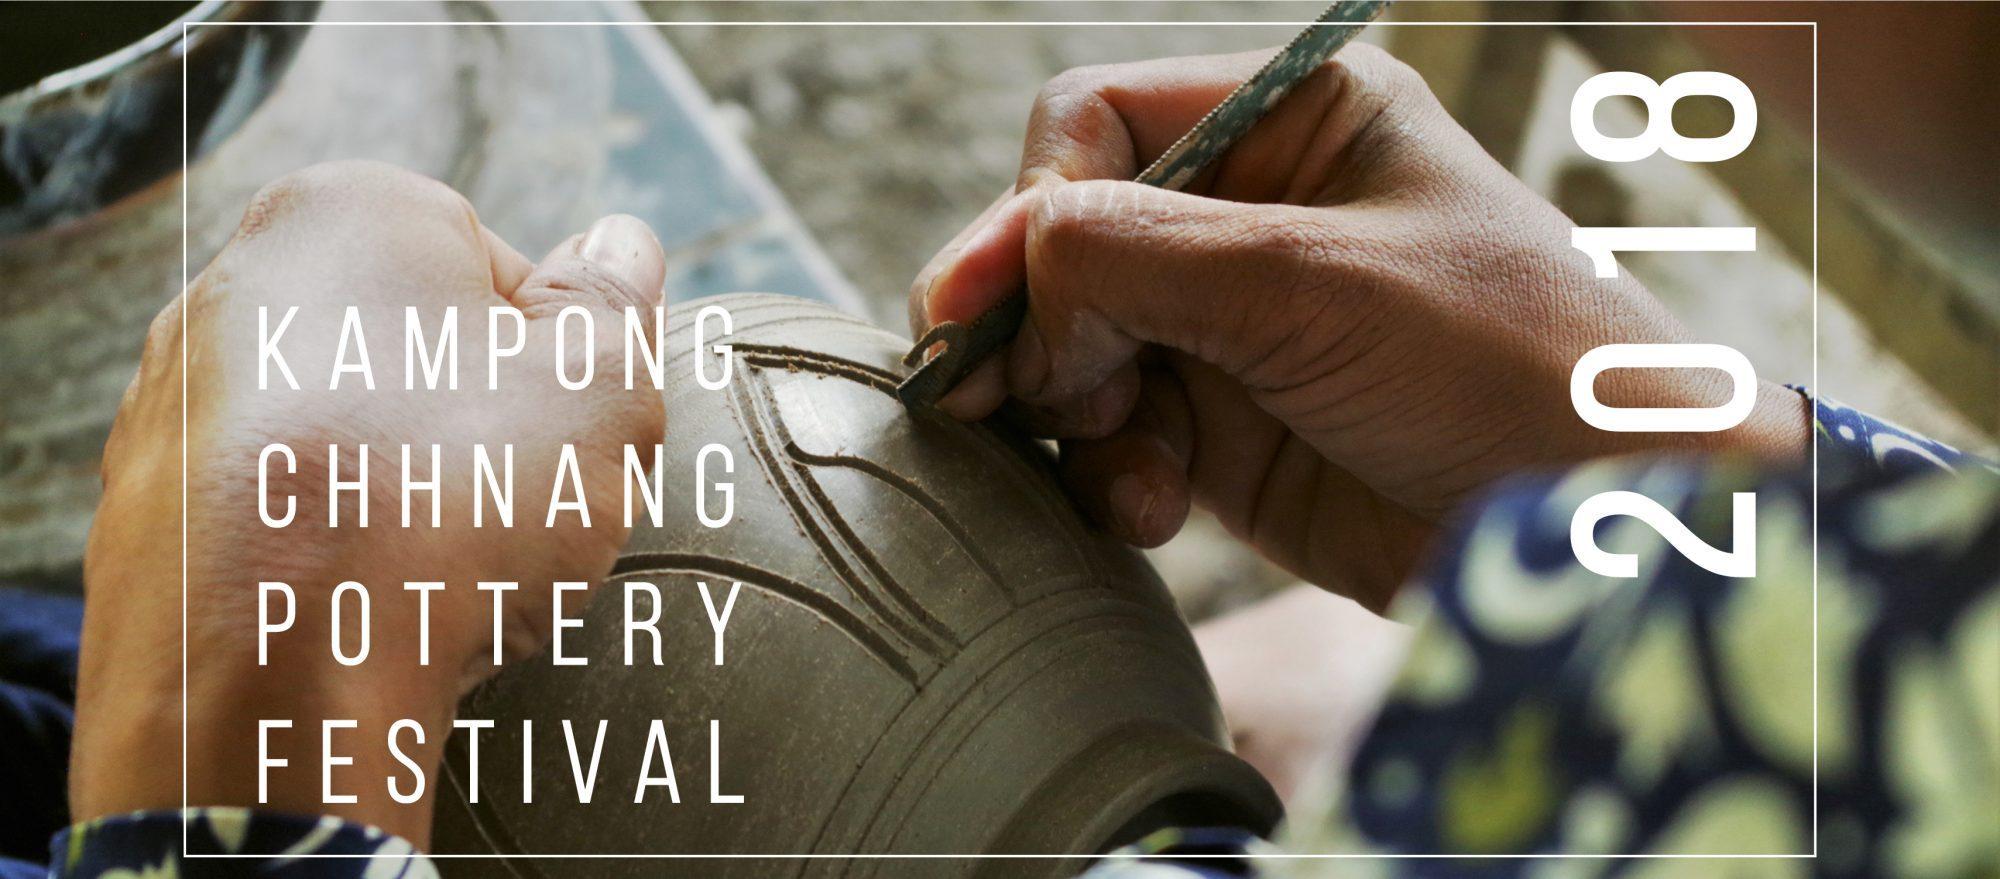 (日本語) 今年も陶器市が開催されます!【ニョニュムショップ便りvol.10】